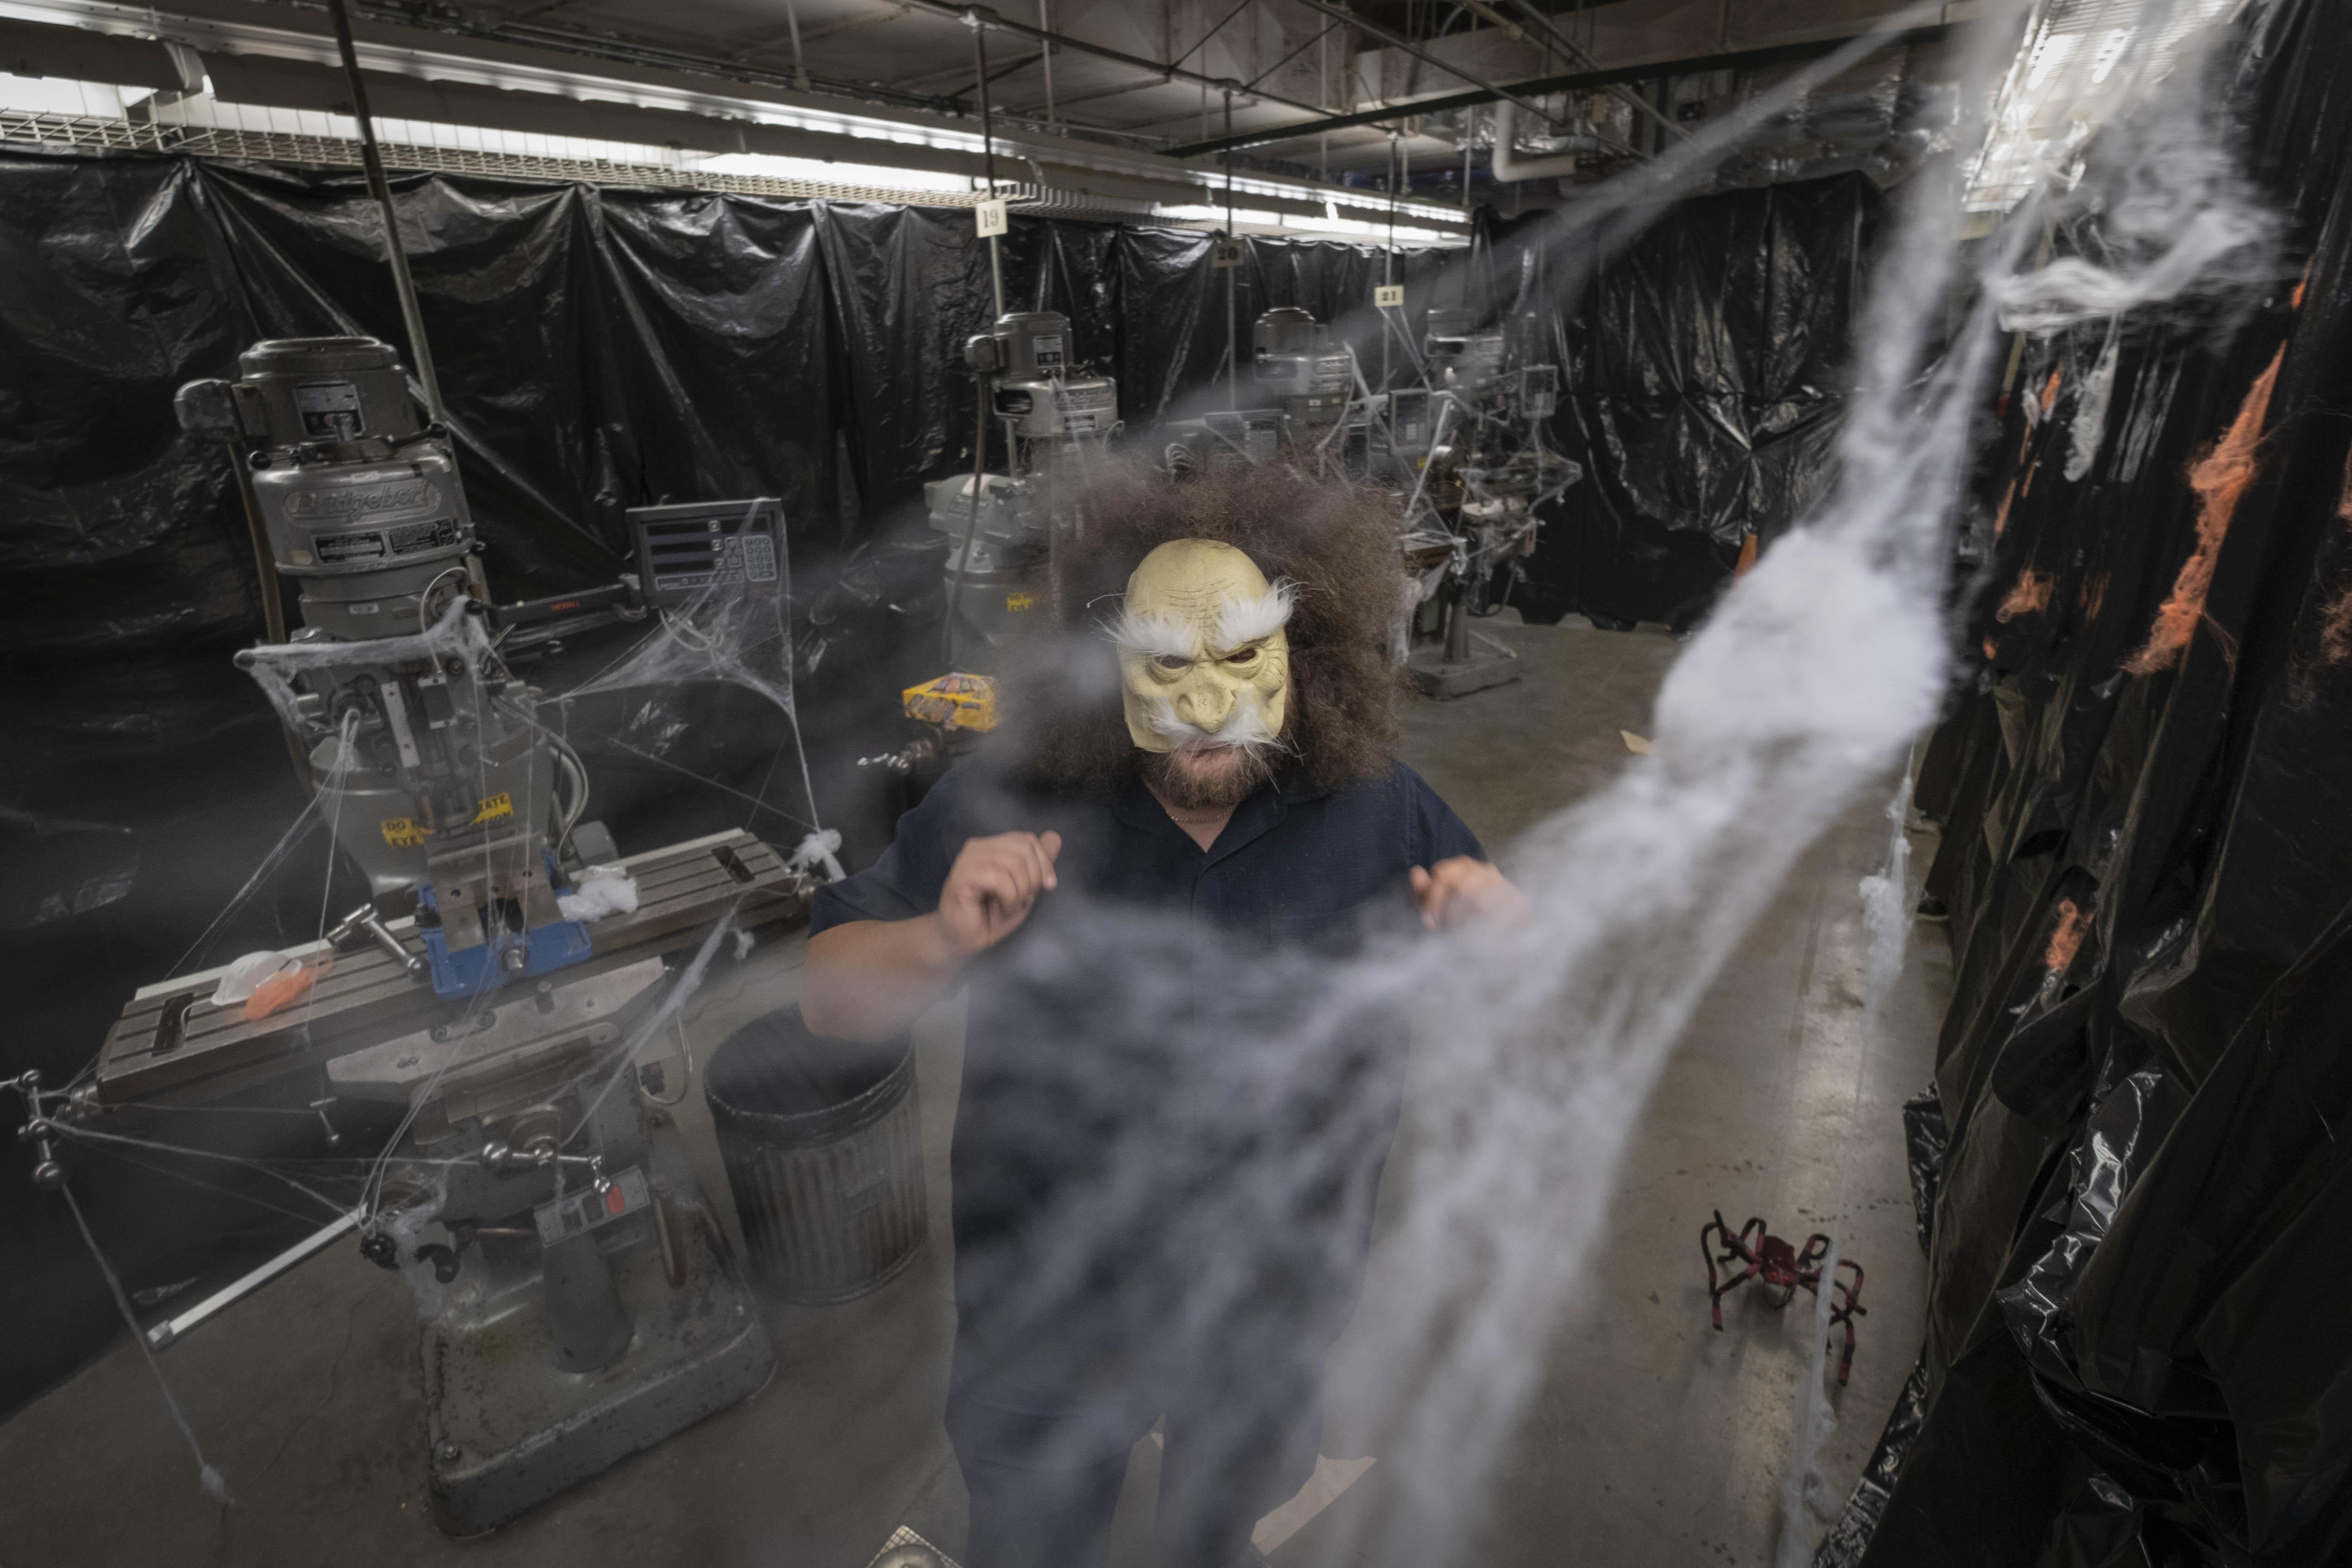 A shop built for scares